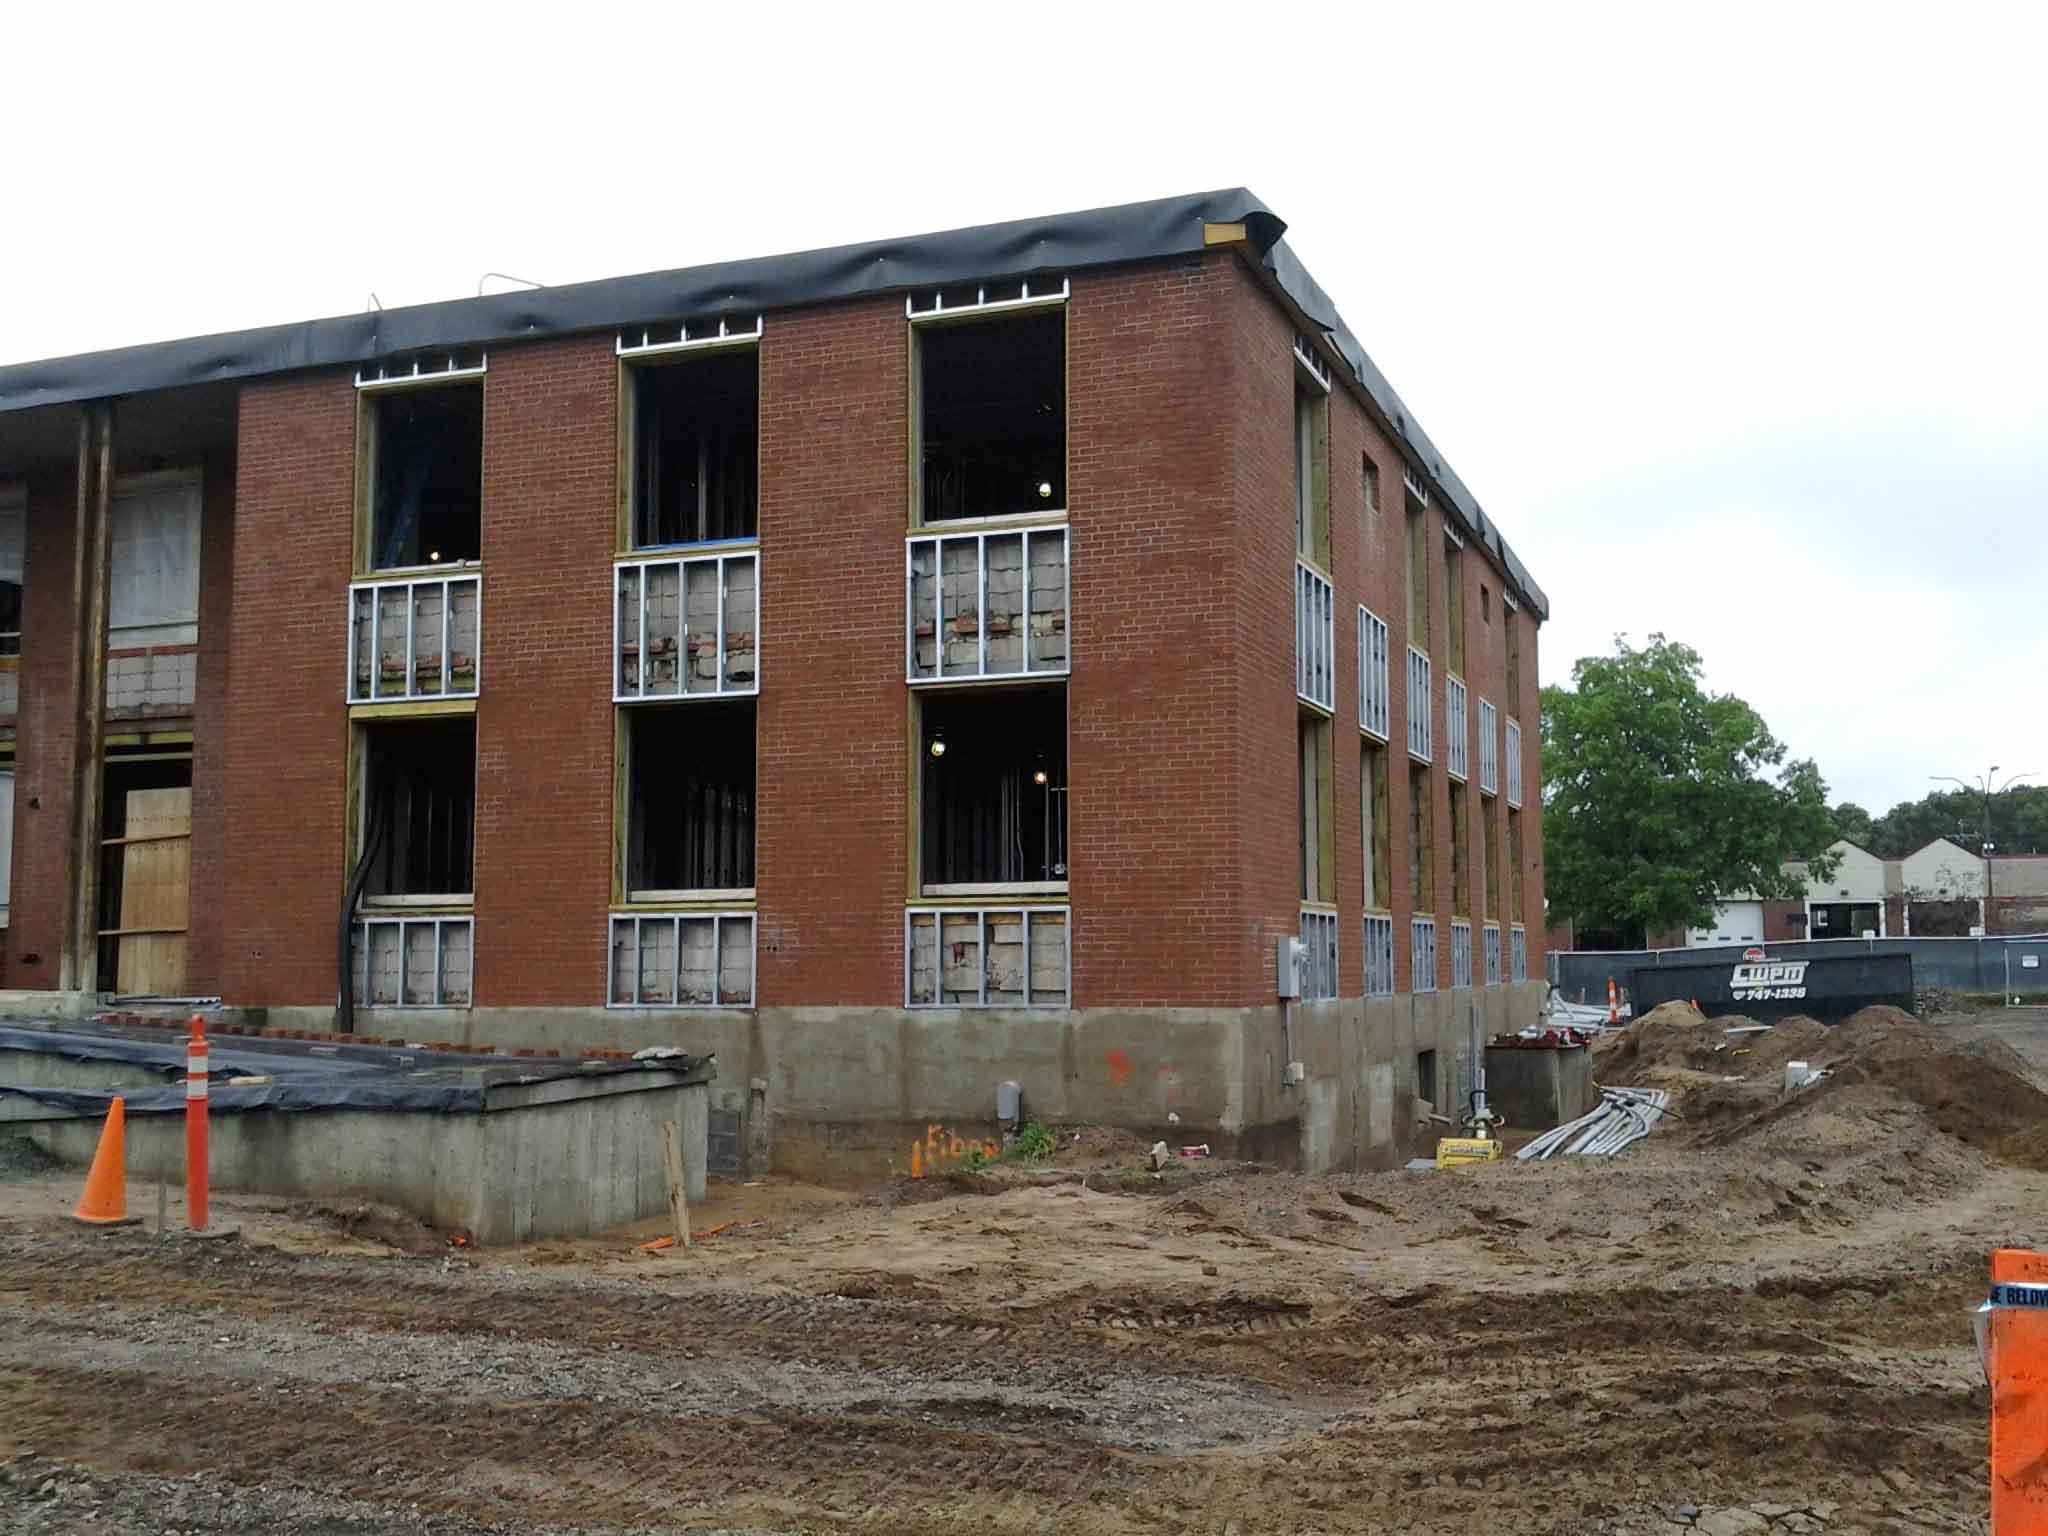 CSA_North Haven PD_Construction Progress 2